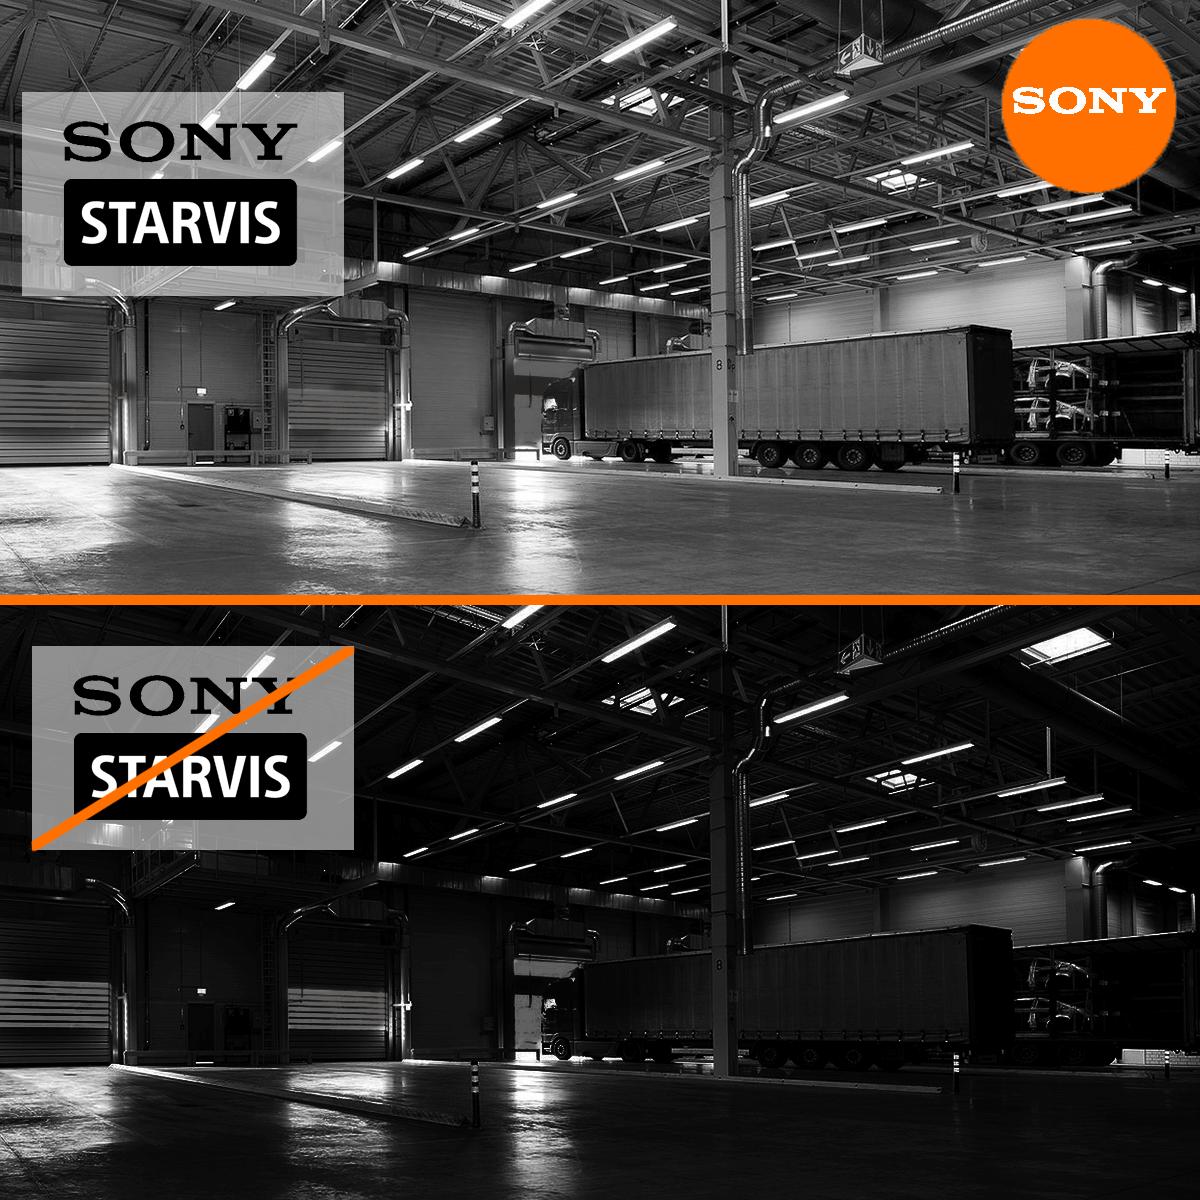 kamera przewodowa poe przetwornik SONY Starvis orllo.pl